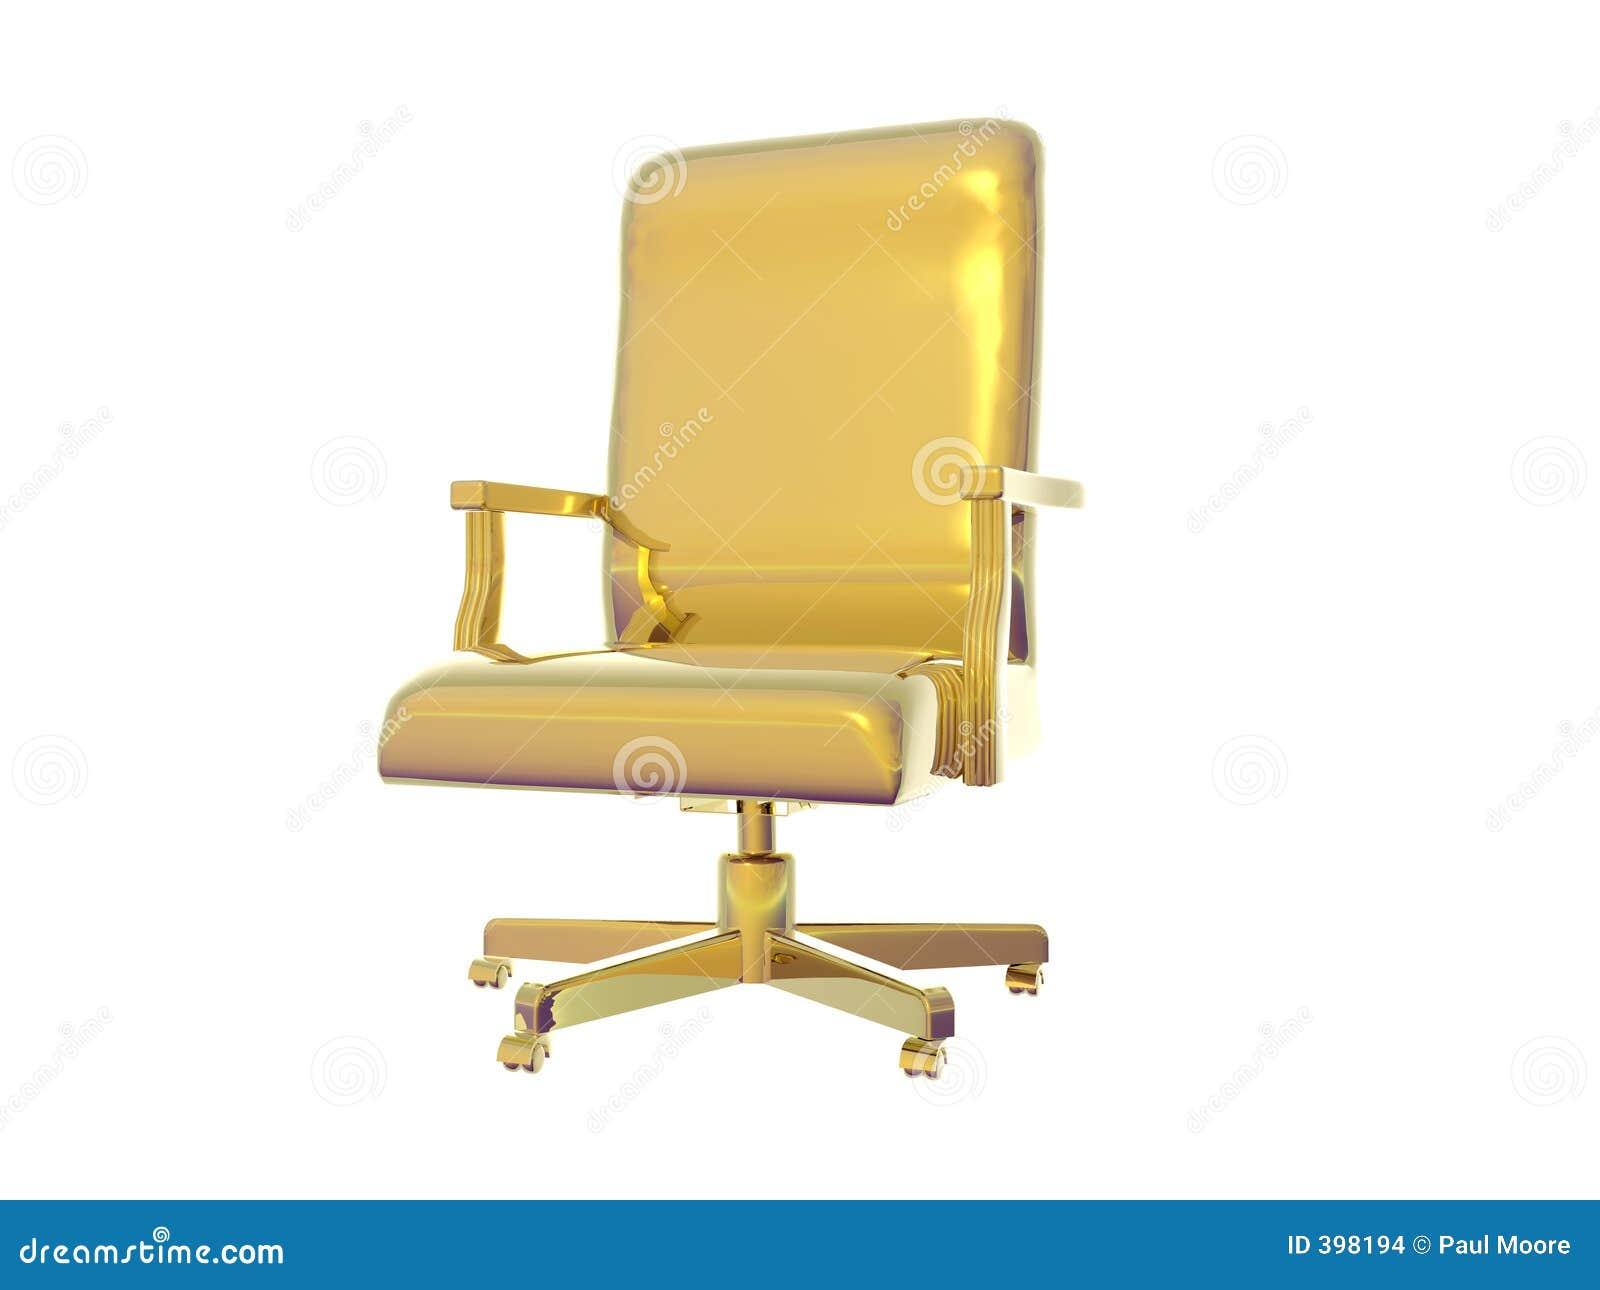 Design steigerhout tuinmeubelen design stoel ontwerpers design stopcontact badkamer design - Tuinmeubelen ontwerp ...